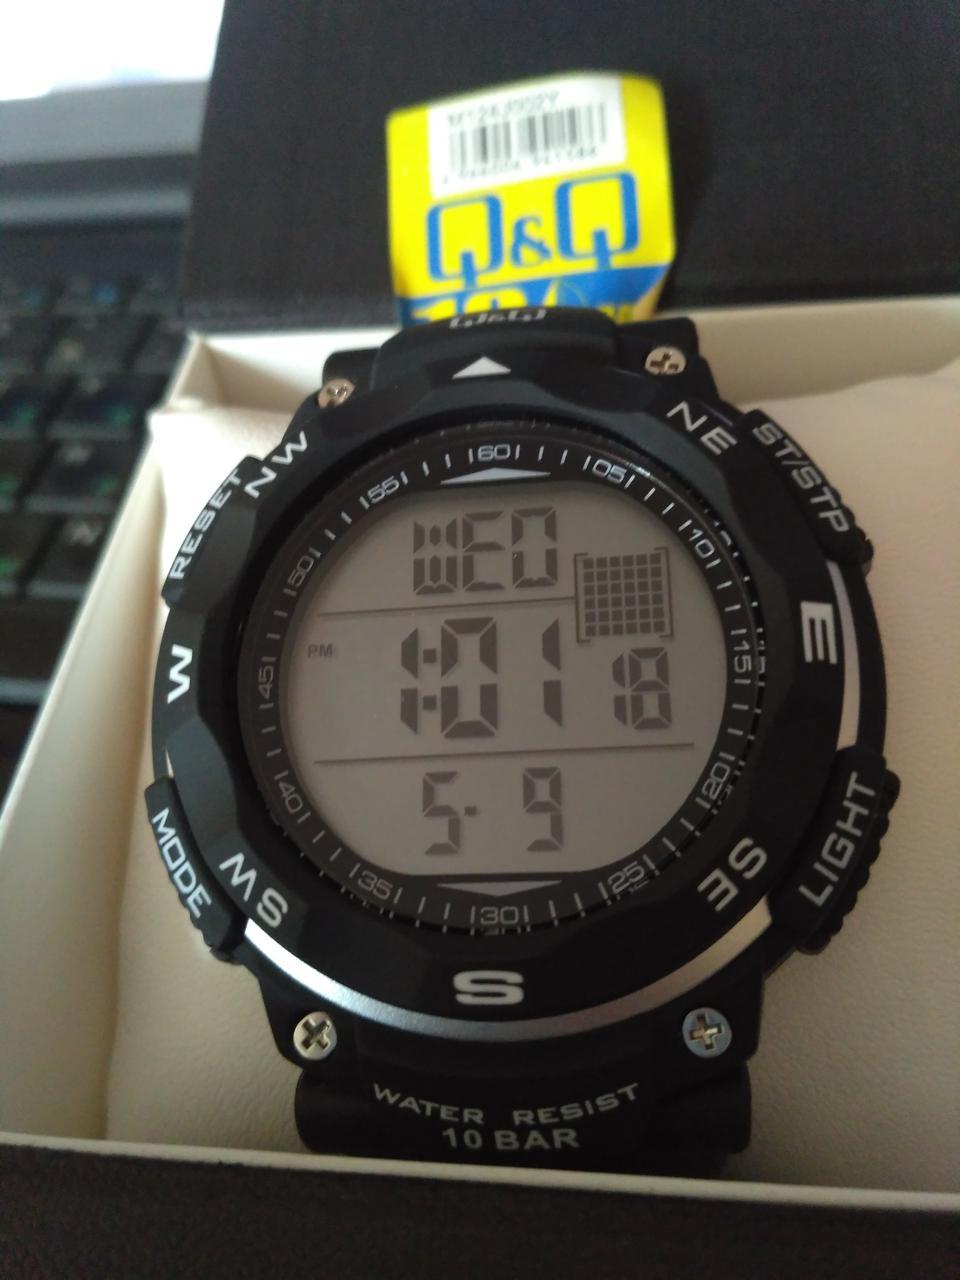 d2f48b1e Часы Q&Q M124-002 / Часы QQ / Оригинал Спортивные часы / Водонепроницаемые  / Куку / Кью кью / Украина Одесса / Японские наручные часы / Кью энд кью ...